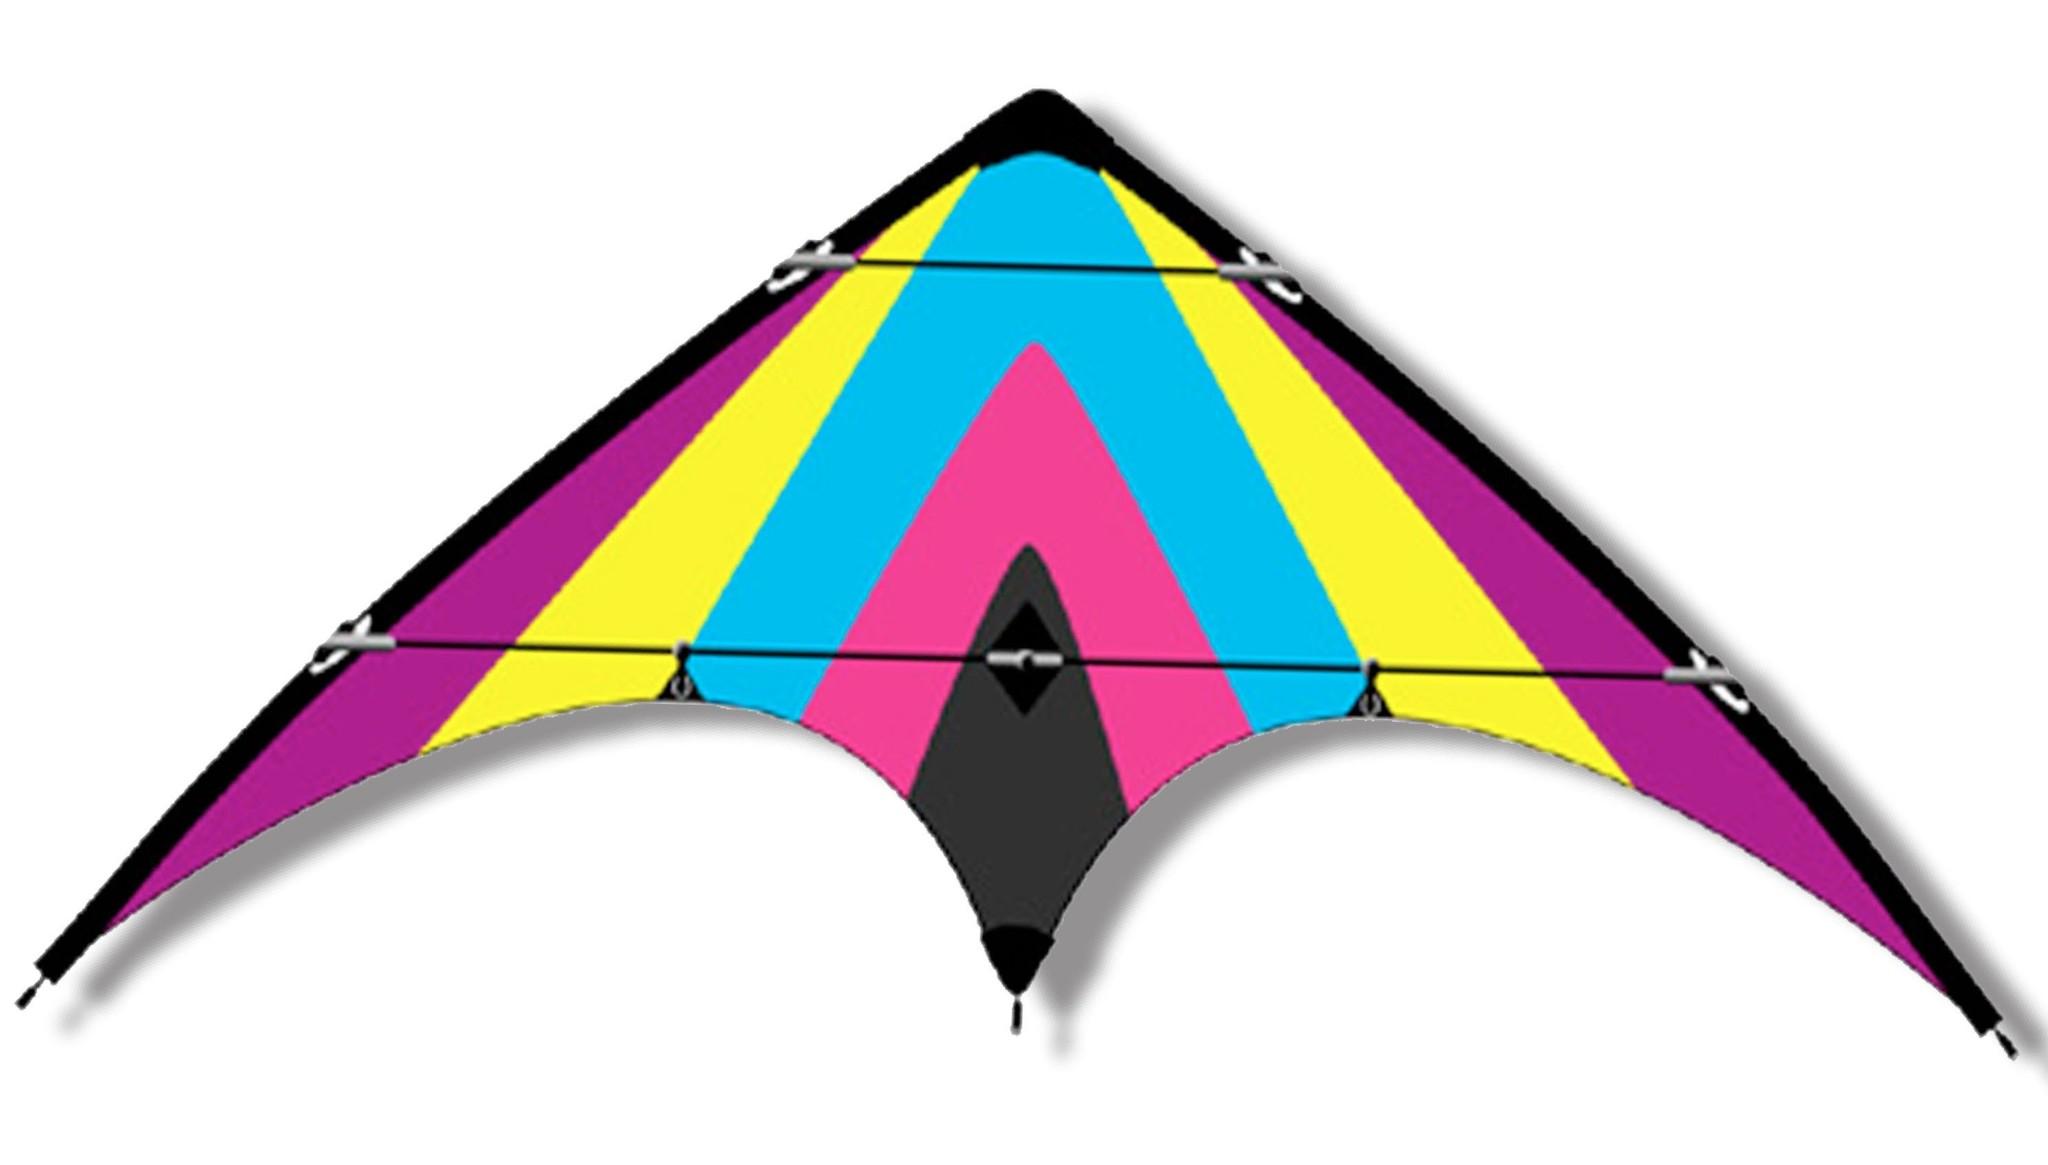 Knoop Kites Knoop Kites Vlieger Vlieger Orcan 1.6